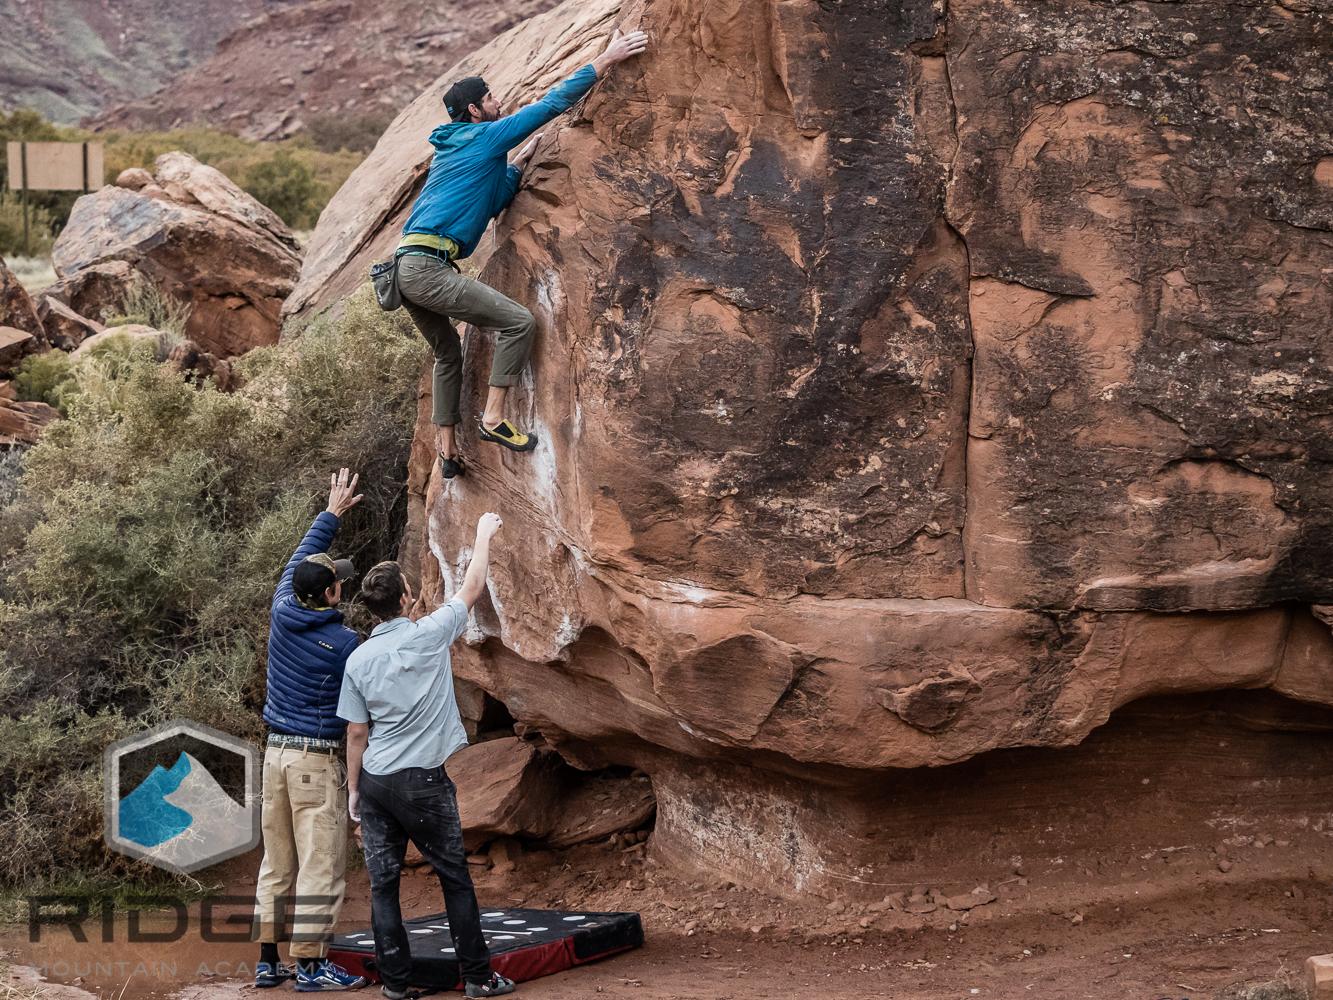 RIDGE in Moab, fall 2015-46.JPG